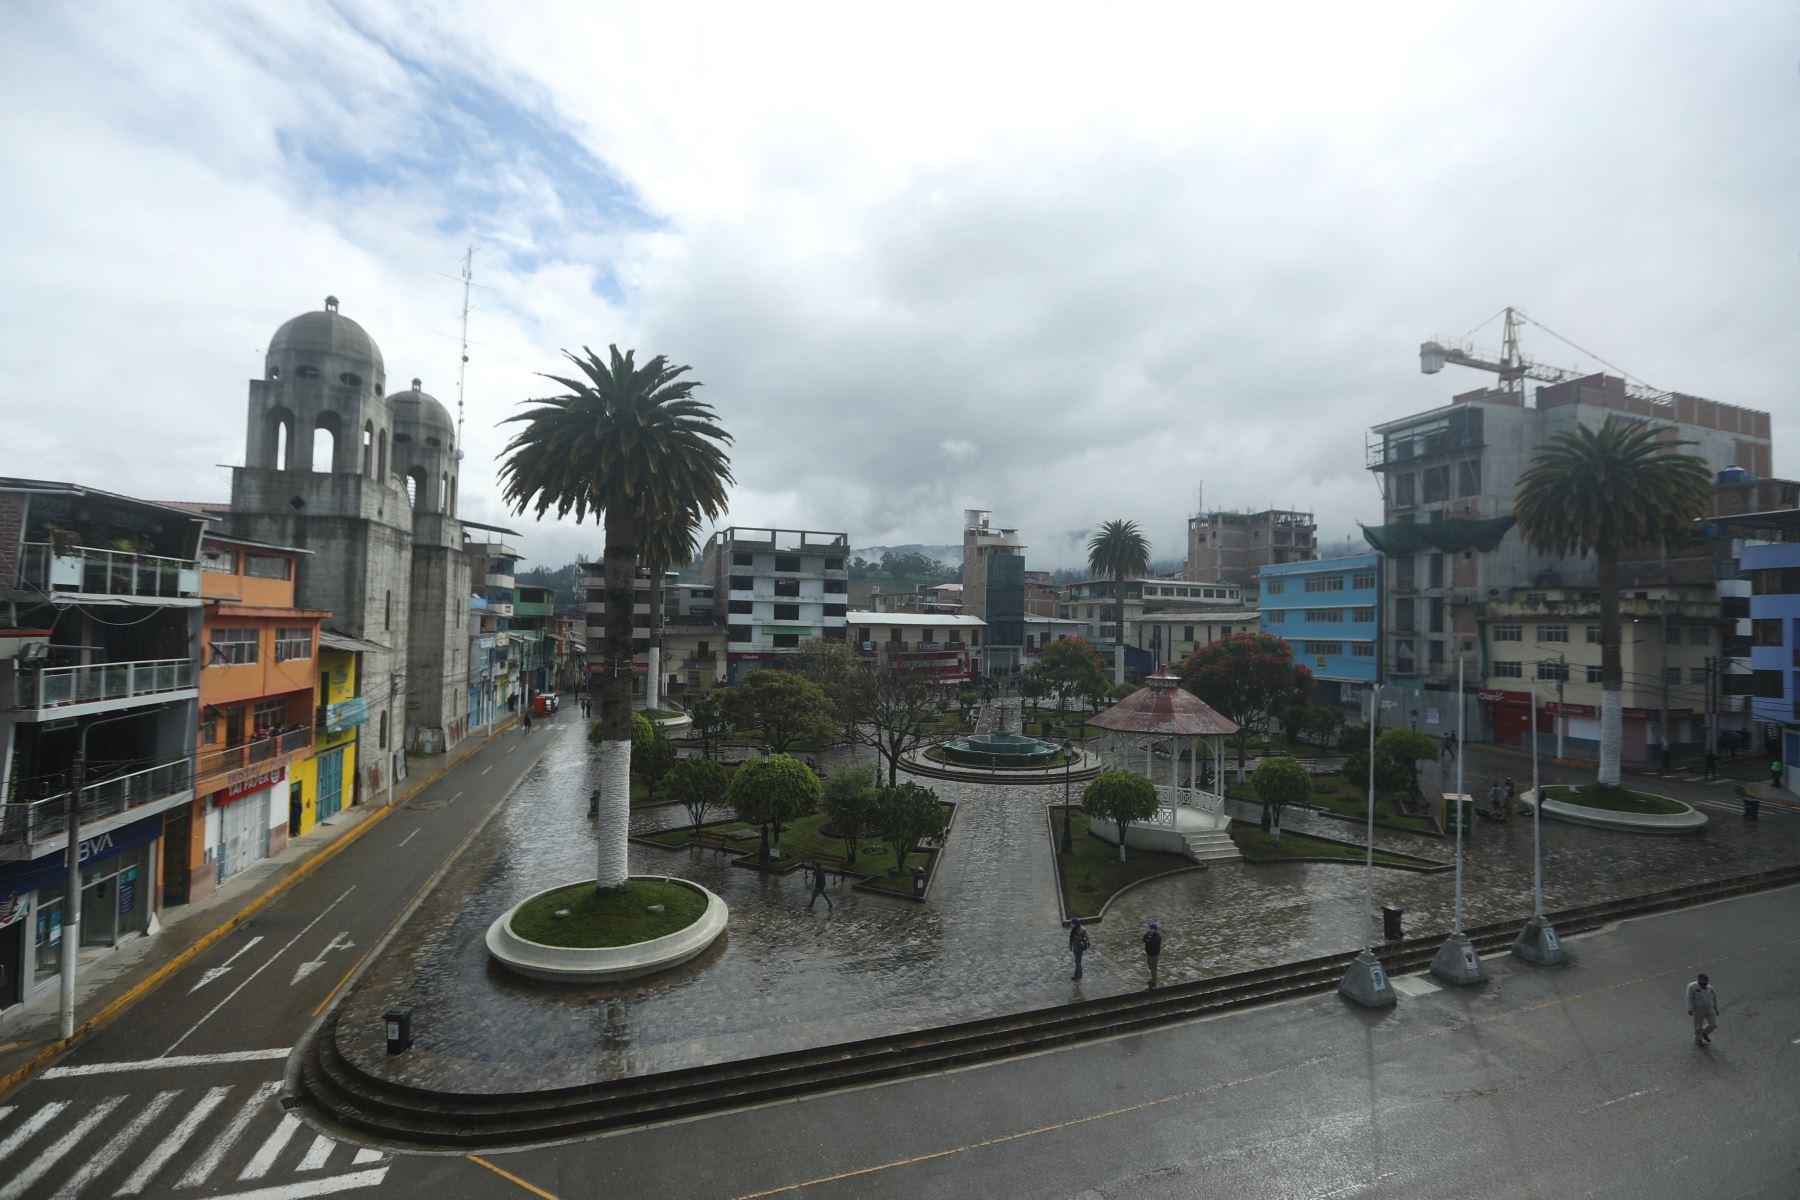 Los candidatos presidenciales Keiko Fujimori y Pedro Castillo debatirán en la plaza de armas de Chota, Cajamarca. Foto: ANDINA/Carla Patiño Ramírez